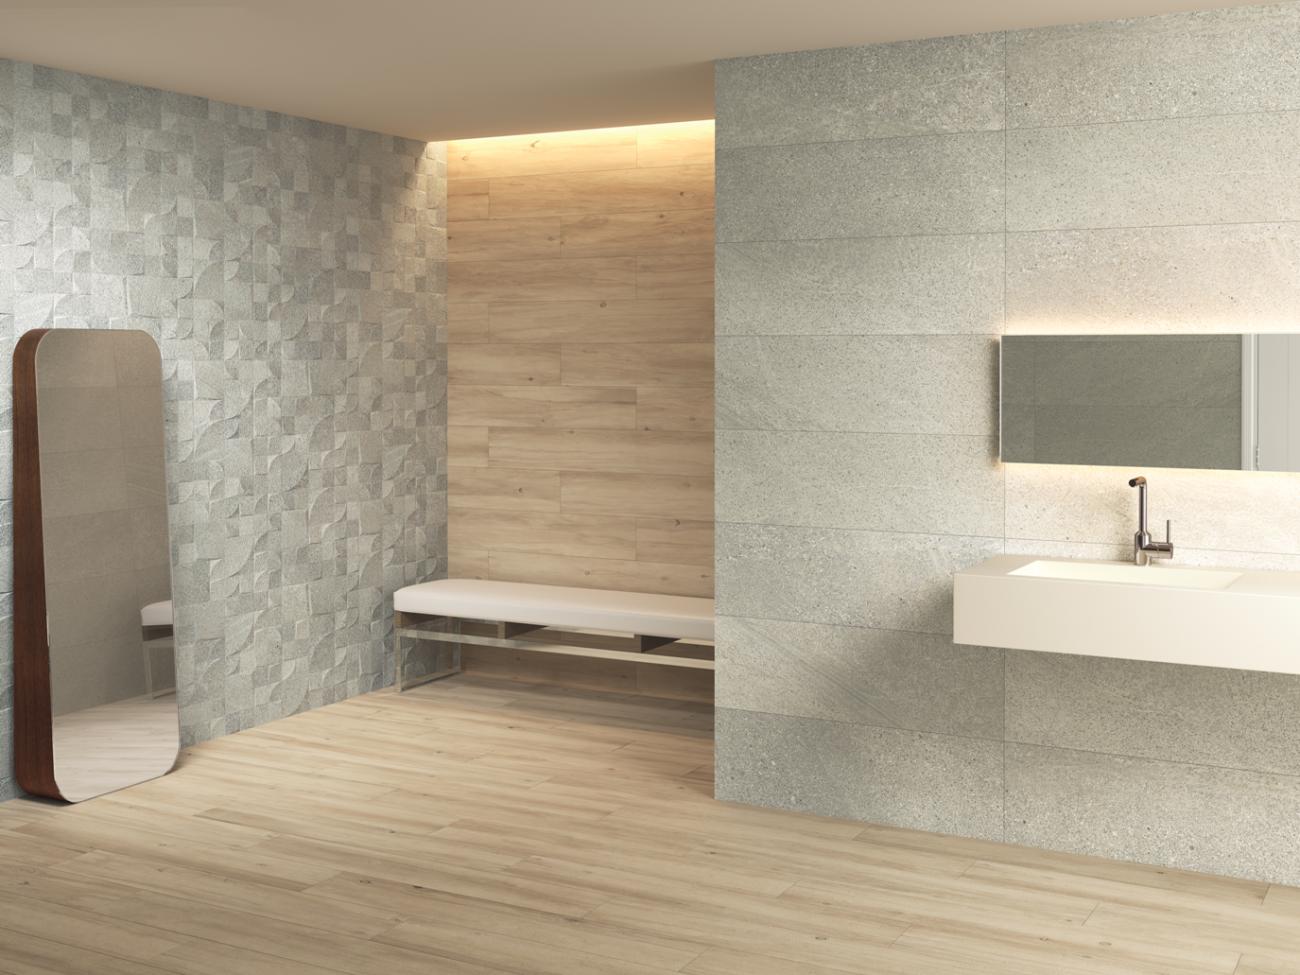 Afbeeldingsresultaat voor keramisch parket badkamer | Tegels ...